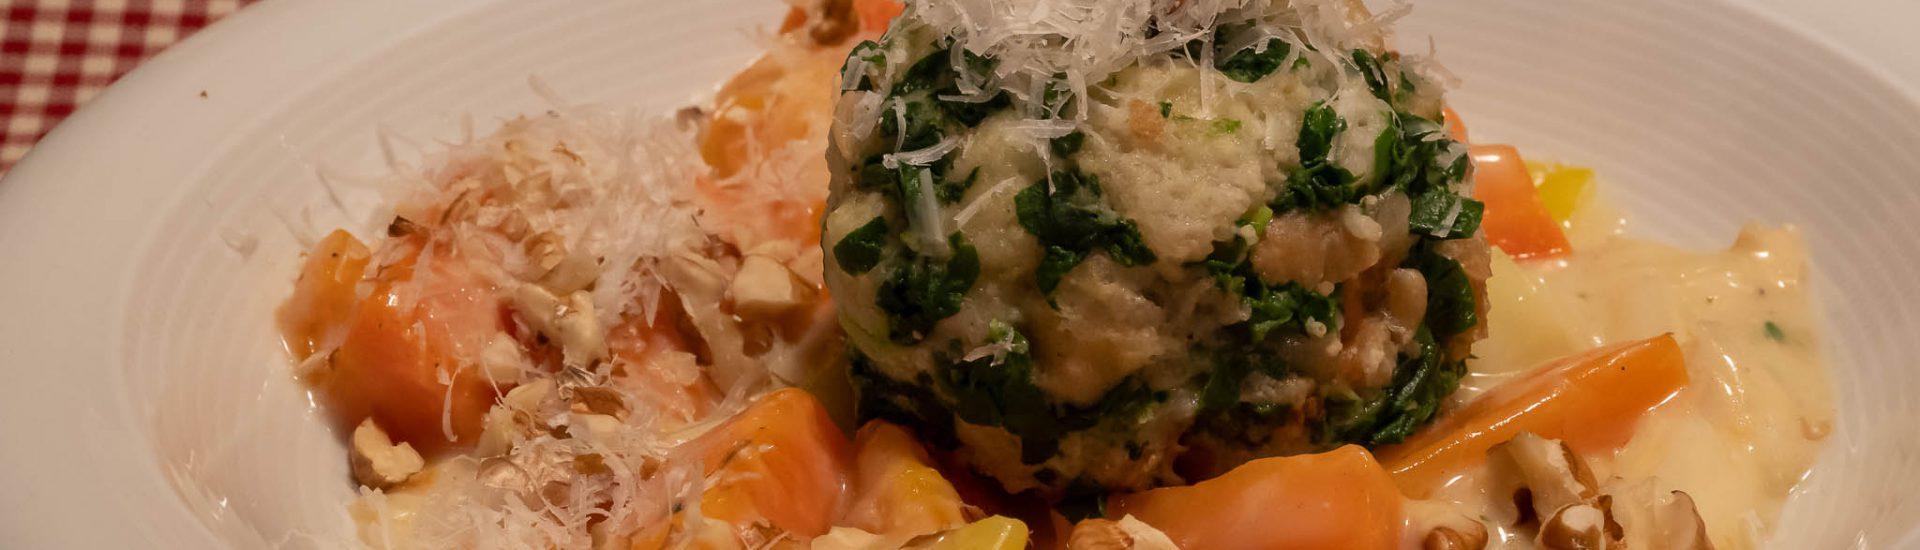 Südtiroler Spinatknödel schmecken zu jeder Jahreszeit